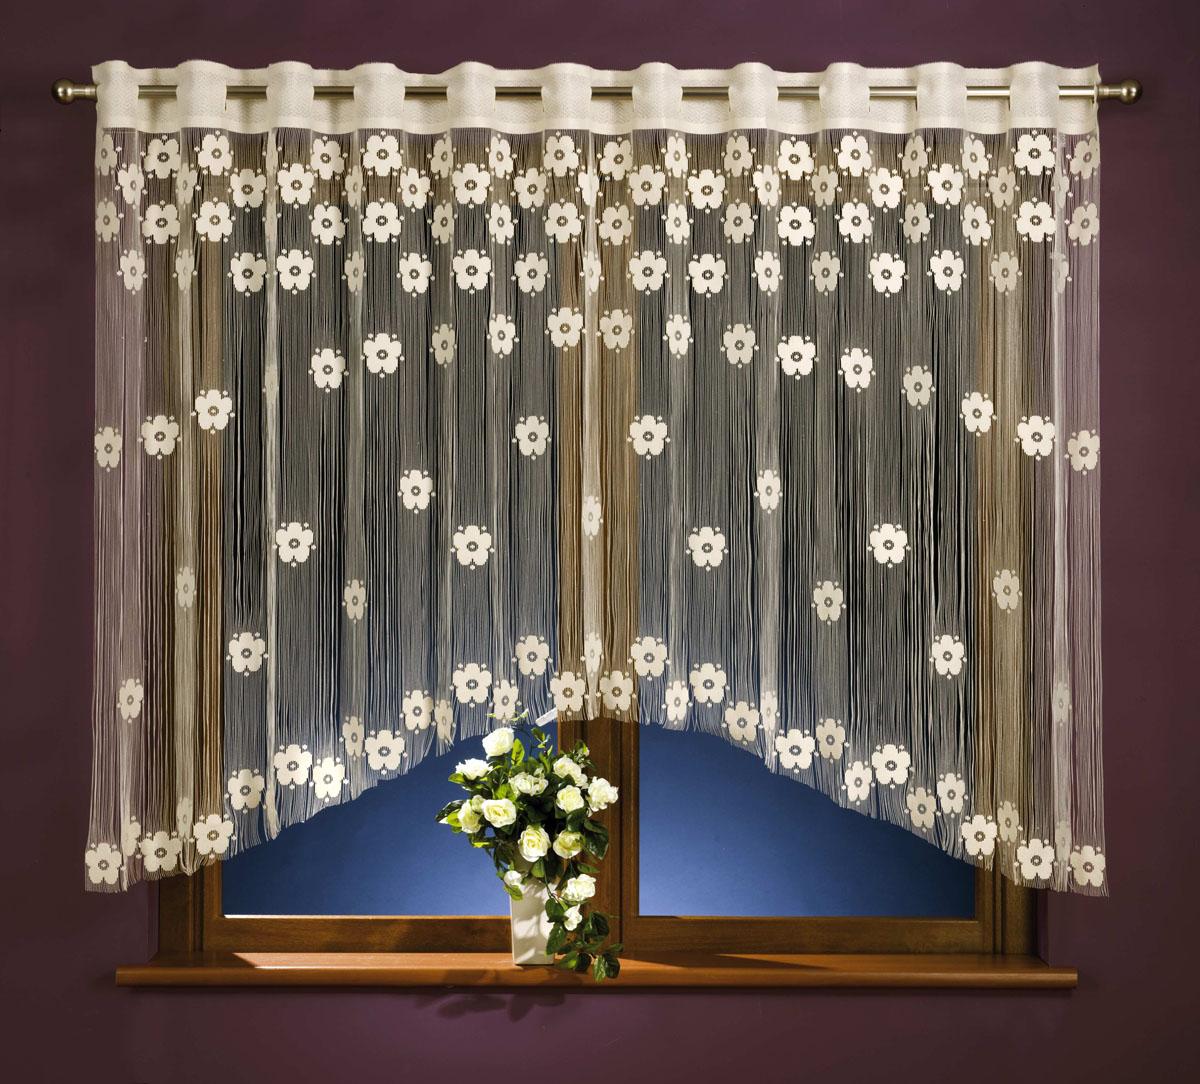 Гардина-лапша Maja, на петлях, цвет: голубой, высота 160 см06613-605Гардина-лапша Maja, изготовленная из полиэстера голубого цвета, станет великолепным украшением окна, дверного проема и прекрасно послужит для разграничения пространства. Необычный дизайн и яркое оформление привлечет к себе внимание и органично впишется в интерьер помещения.Гардина-лапша оснащена петлями для крепления на круглый карниз. Характеристики:Материал: 100% полиэстер. Цвет: голубой. Размер упаковки:26 см х 37 см х 4 см. Артикул: 677580. В комплект входит: Гардина-лапша - 1 шт. Размер (ШхВ): 270 см х 160 см. Фирма Wisan на польском рынке существует уже более пятидесяти лет и является одной из лучших польских фабрик по производству штор и тканей. Ассортимент фирмы представлен готовыми комплектами штор для гостиной, детской, кухни, а также текстилем для кухни (скатерти, салфетки, дорожки, кухонные занавески). Модельный ряд отличает оригинальный дизайн, высокое качество. Ассортимент продукции постоянно пополняется.УВАЖАЕМЫЕ КЛИЕНТЫ!Обращаем ваше внимание на цвет изделия. Цветовой вариант гардины-лапши, данной в интерьере, служит для визуального восприятия товара. Цветовая гамма данной гардины-лапши представлена на отдельном изображении фрагментом ткани.